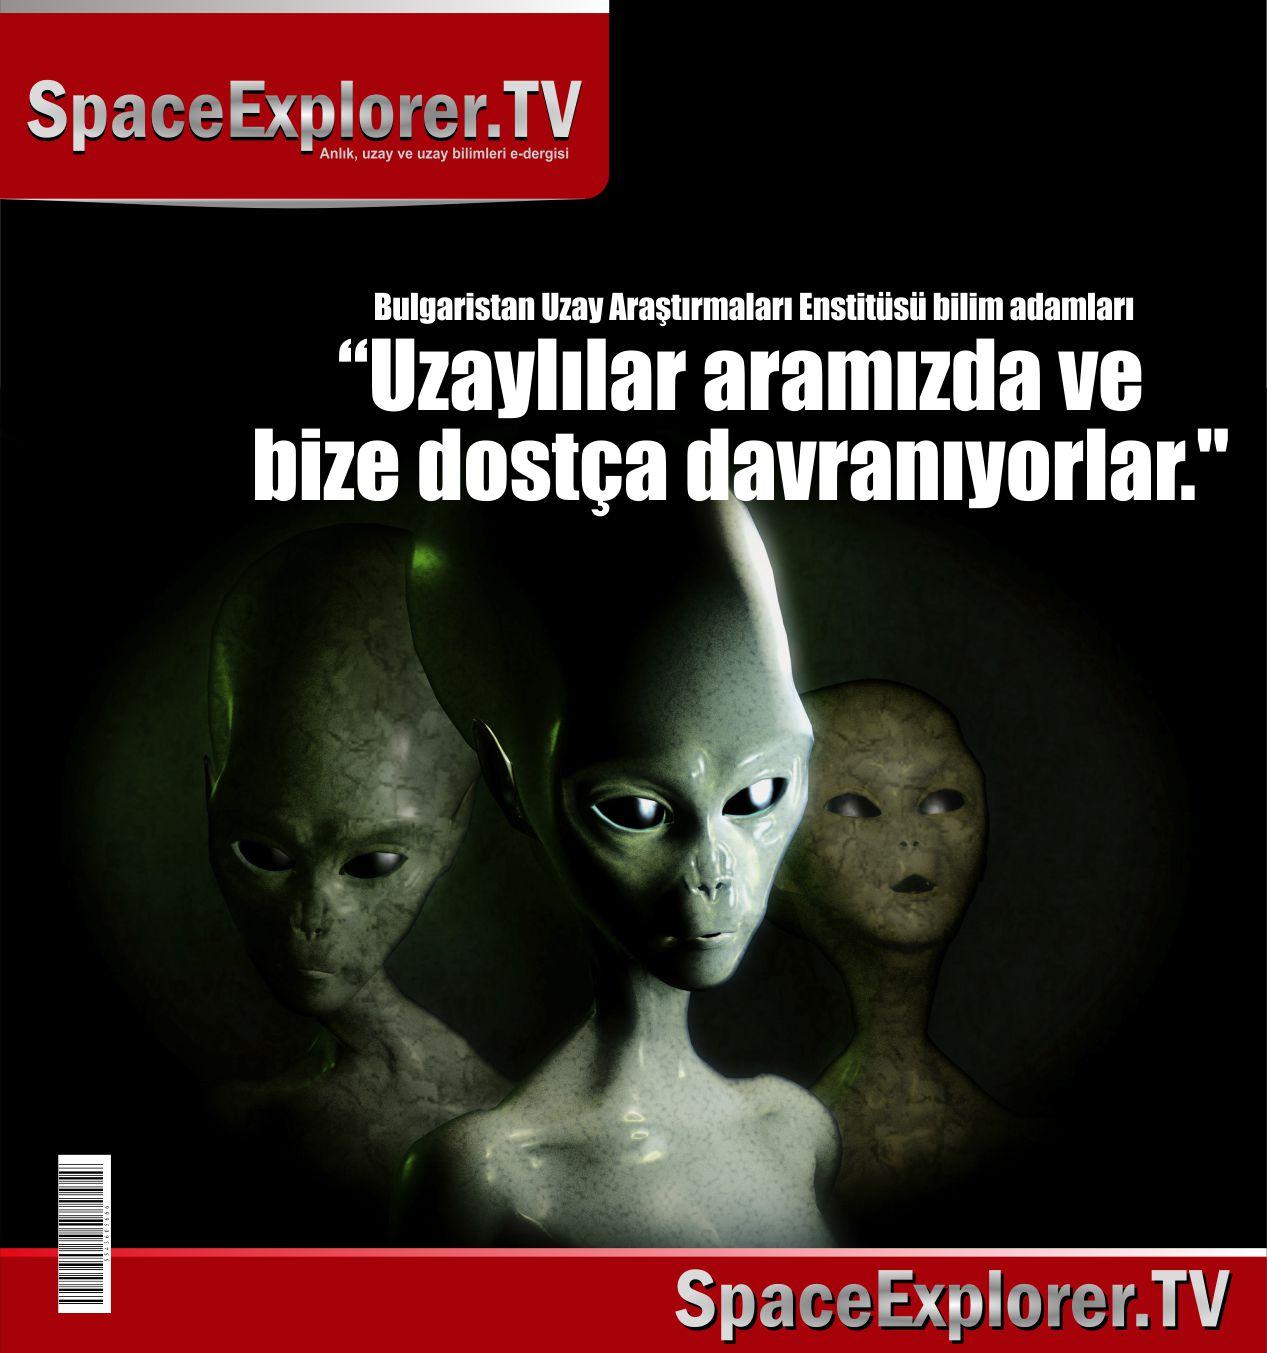 Bulgaristan, Uzaylılar, Uzaylılar var mı, Uzayda hayat var mı?, Evrende yalnız mıyız?, UFO, UFO'lar gerçek mi?, Space Explorer, Dünyadaki uzaylılar, Aramızdaki uzaylılar, Mars'ta yaşam var mı,